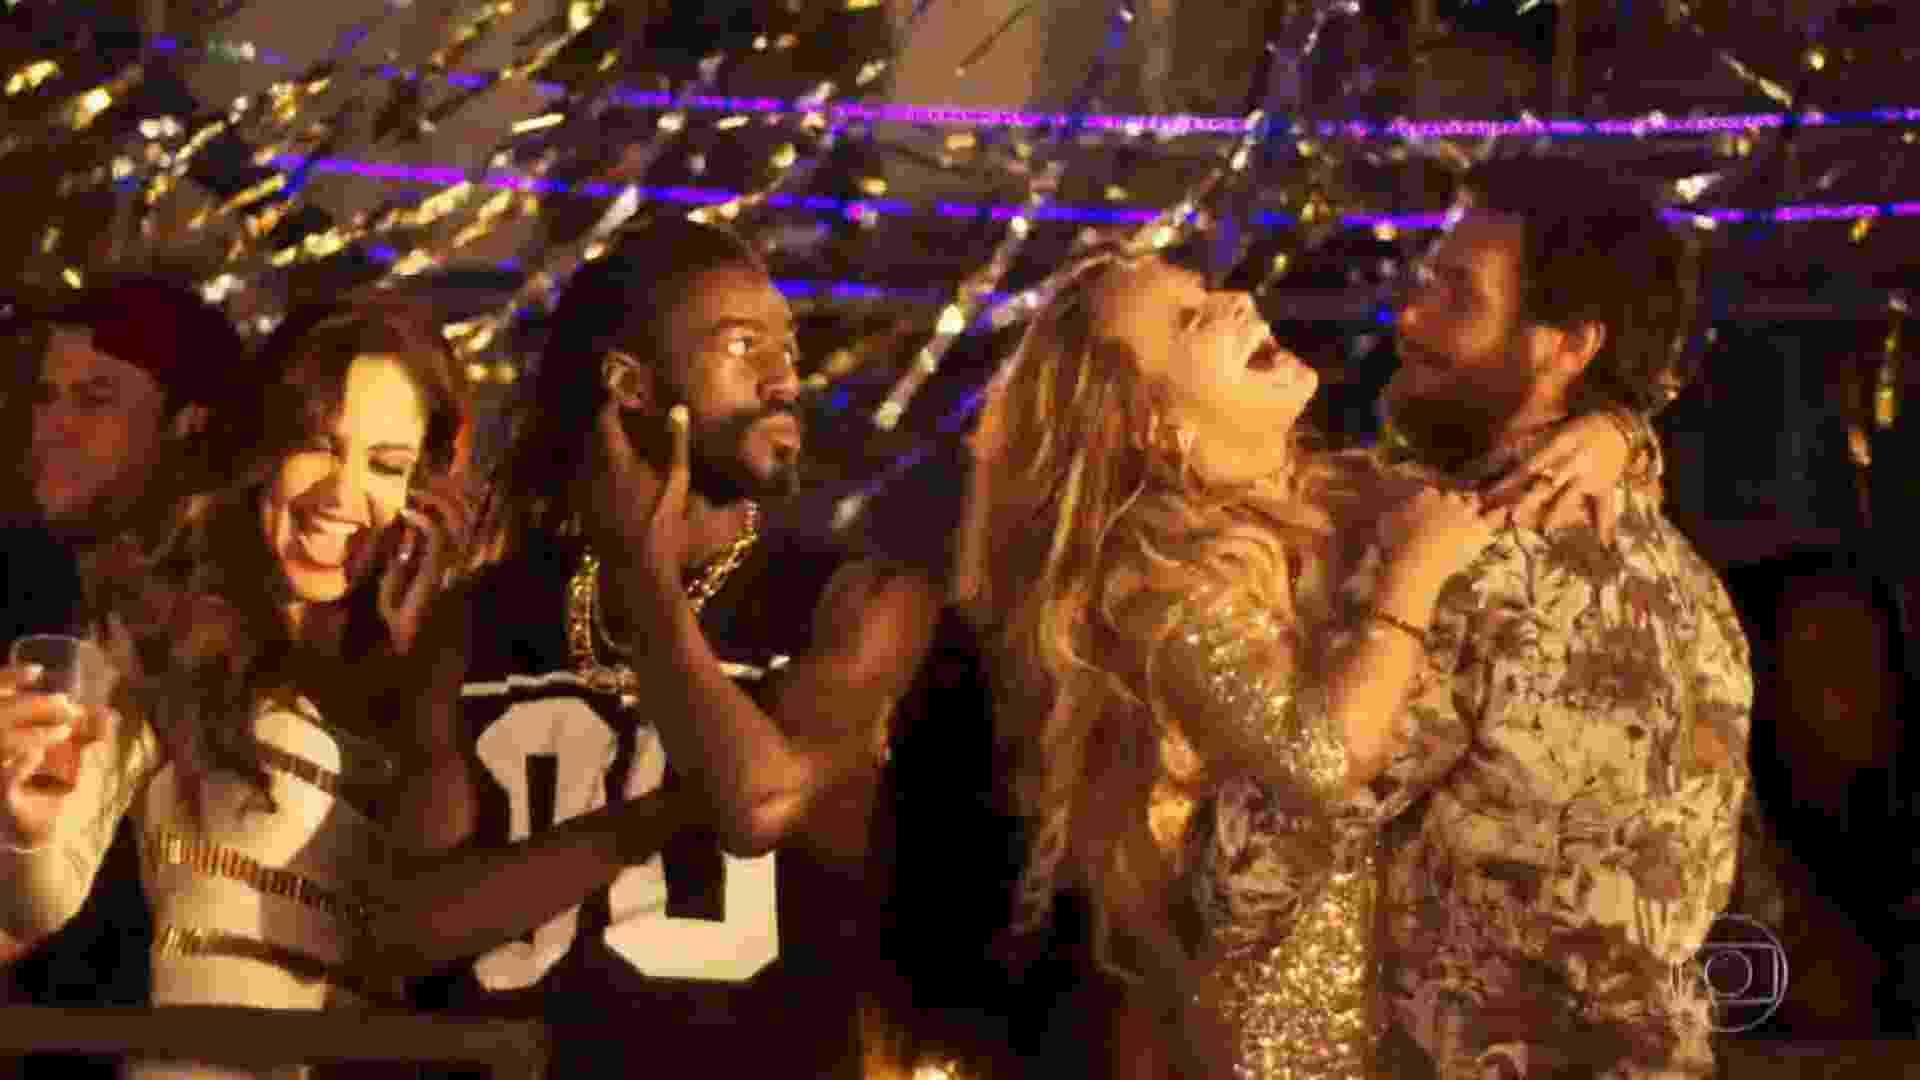 """Carine vê mulher """"flertando"""" para cima de Rubinho e a expulsa de camarote em baile funk, em """"A Força do Querer"""" - Reprodução/TV Globo"""